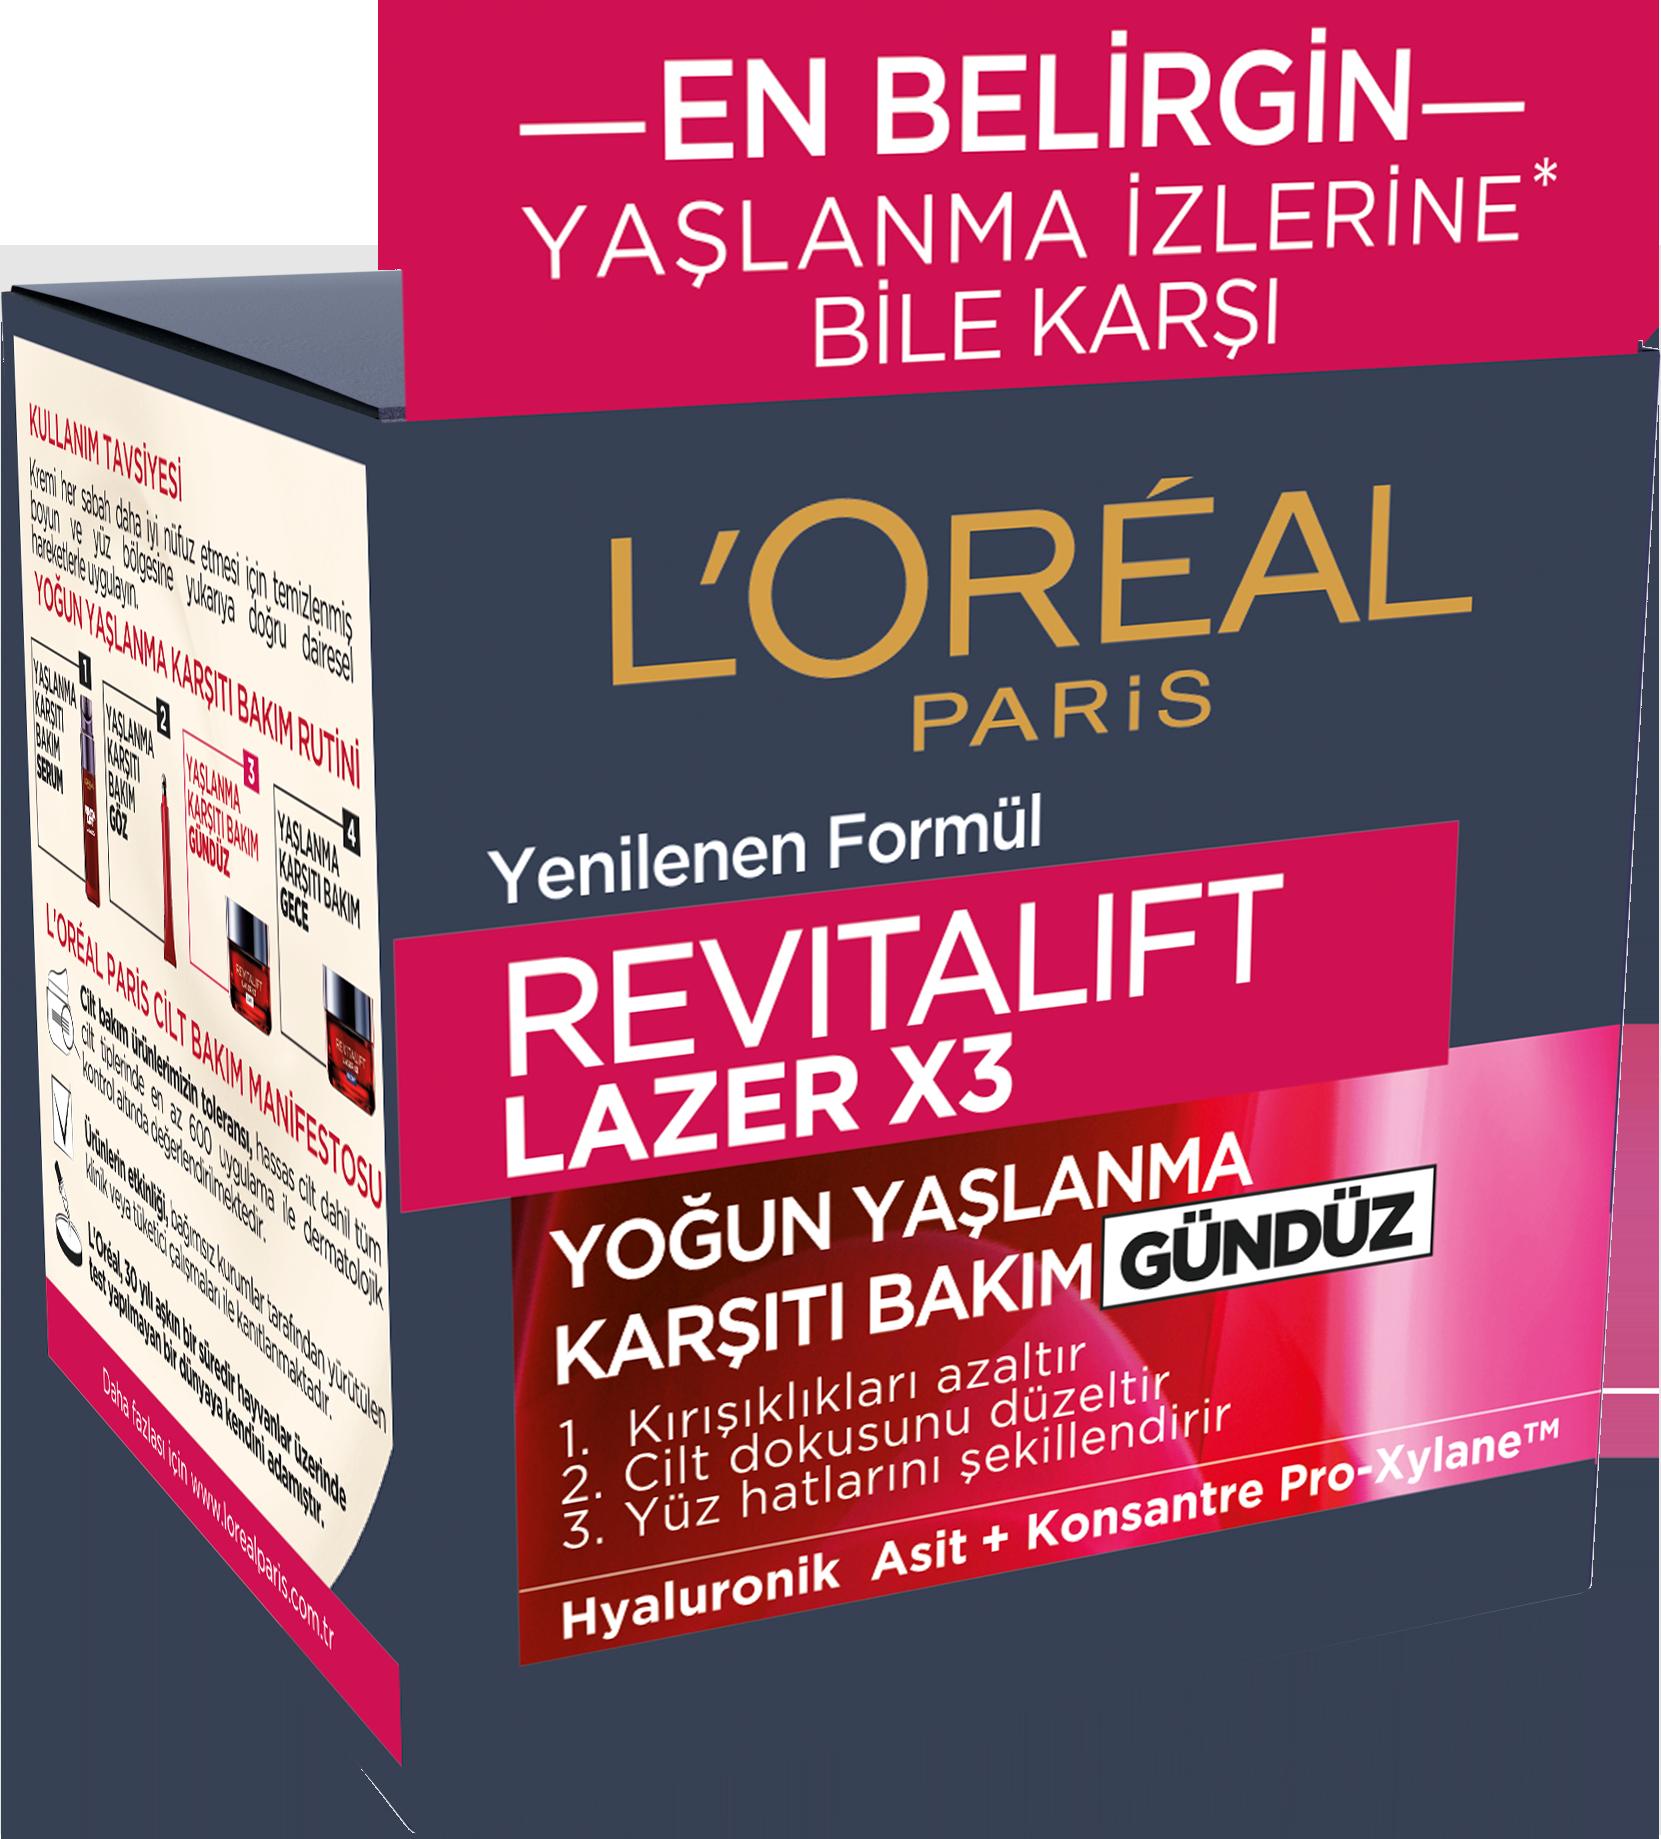 Revitalift Lazer X3 Yoğun Yaşlanma Karşıtı Gündüz Bakım Kremi